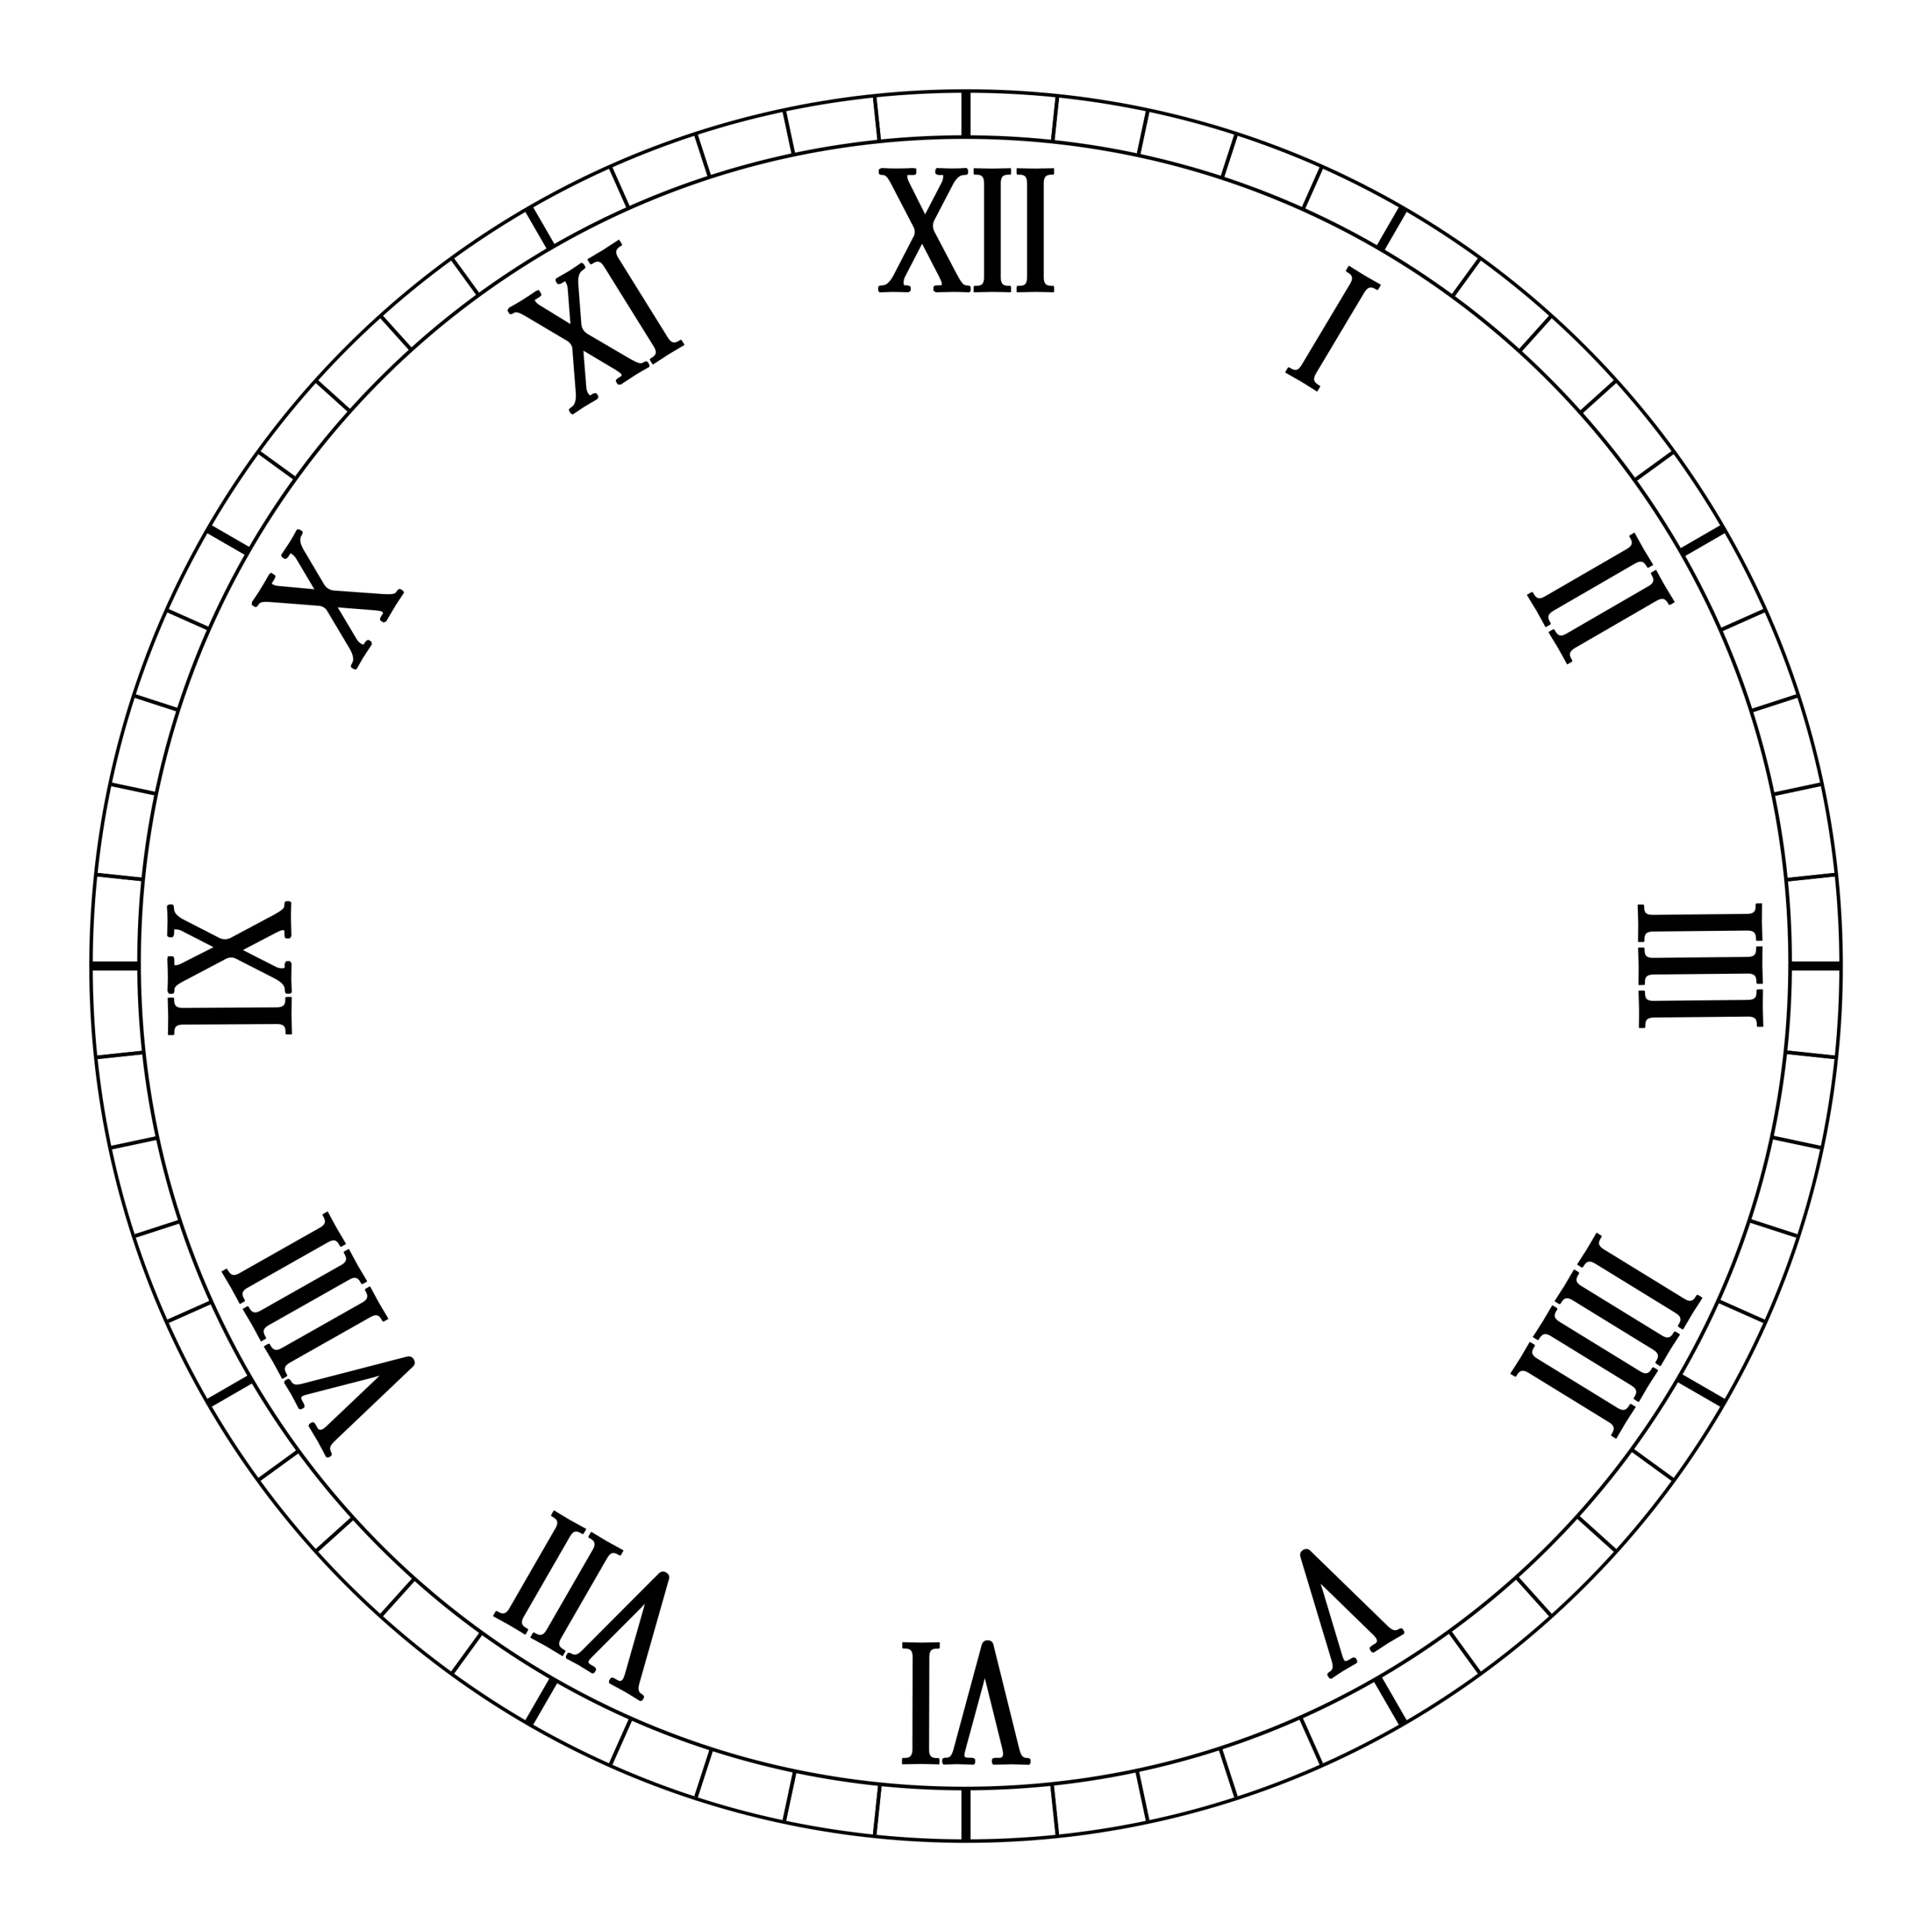 Tarczy cyframi rzymskimi Wolny Szablon.